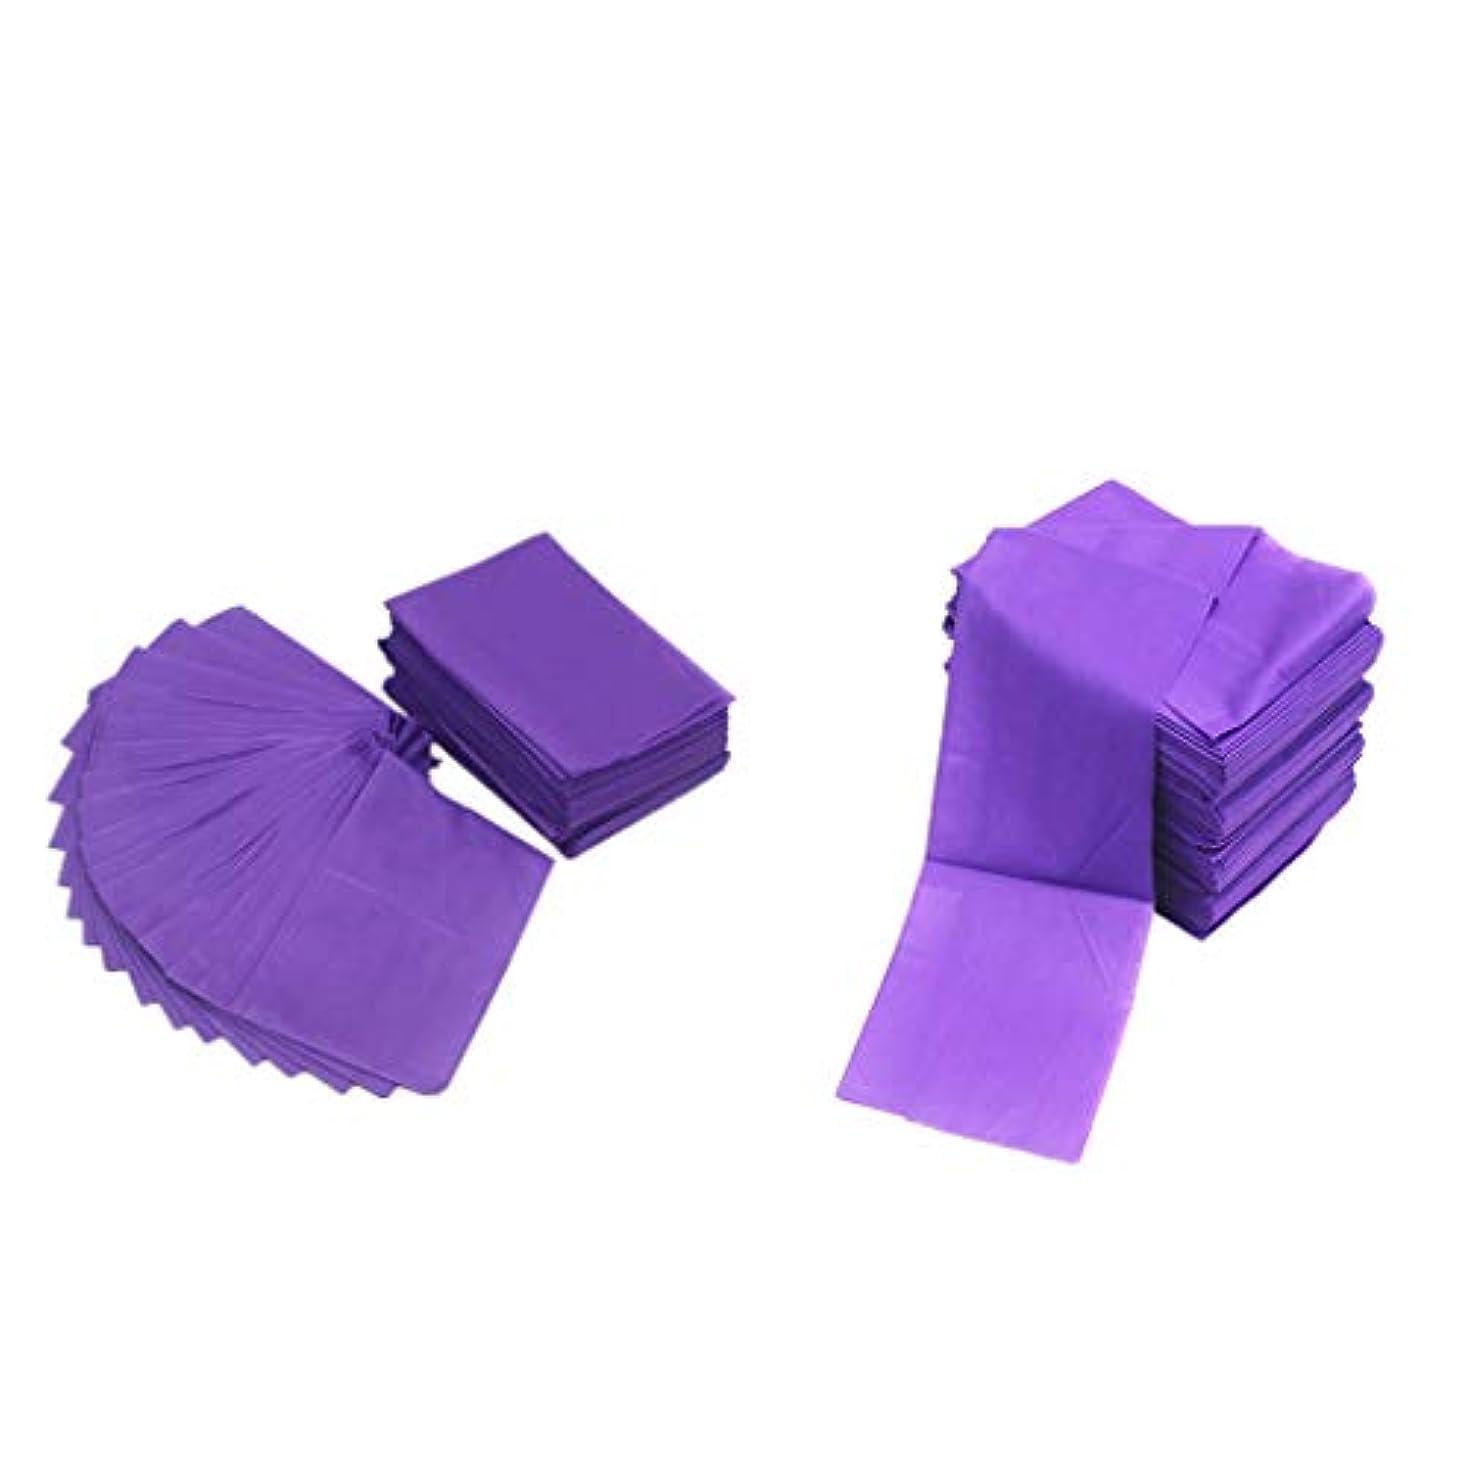 蓋スクリーチ振るうテーブルシーツ ベッドカバー マッサージ ベットシート 不織布 使い捨て 防水 パープル 20ピースセット